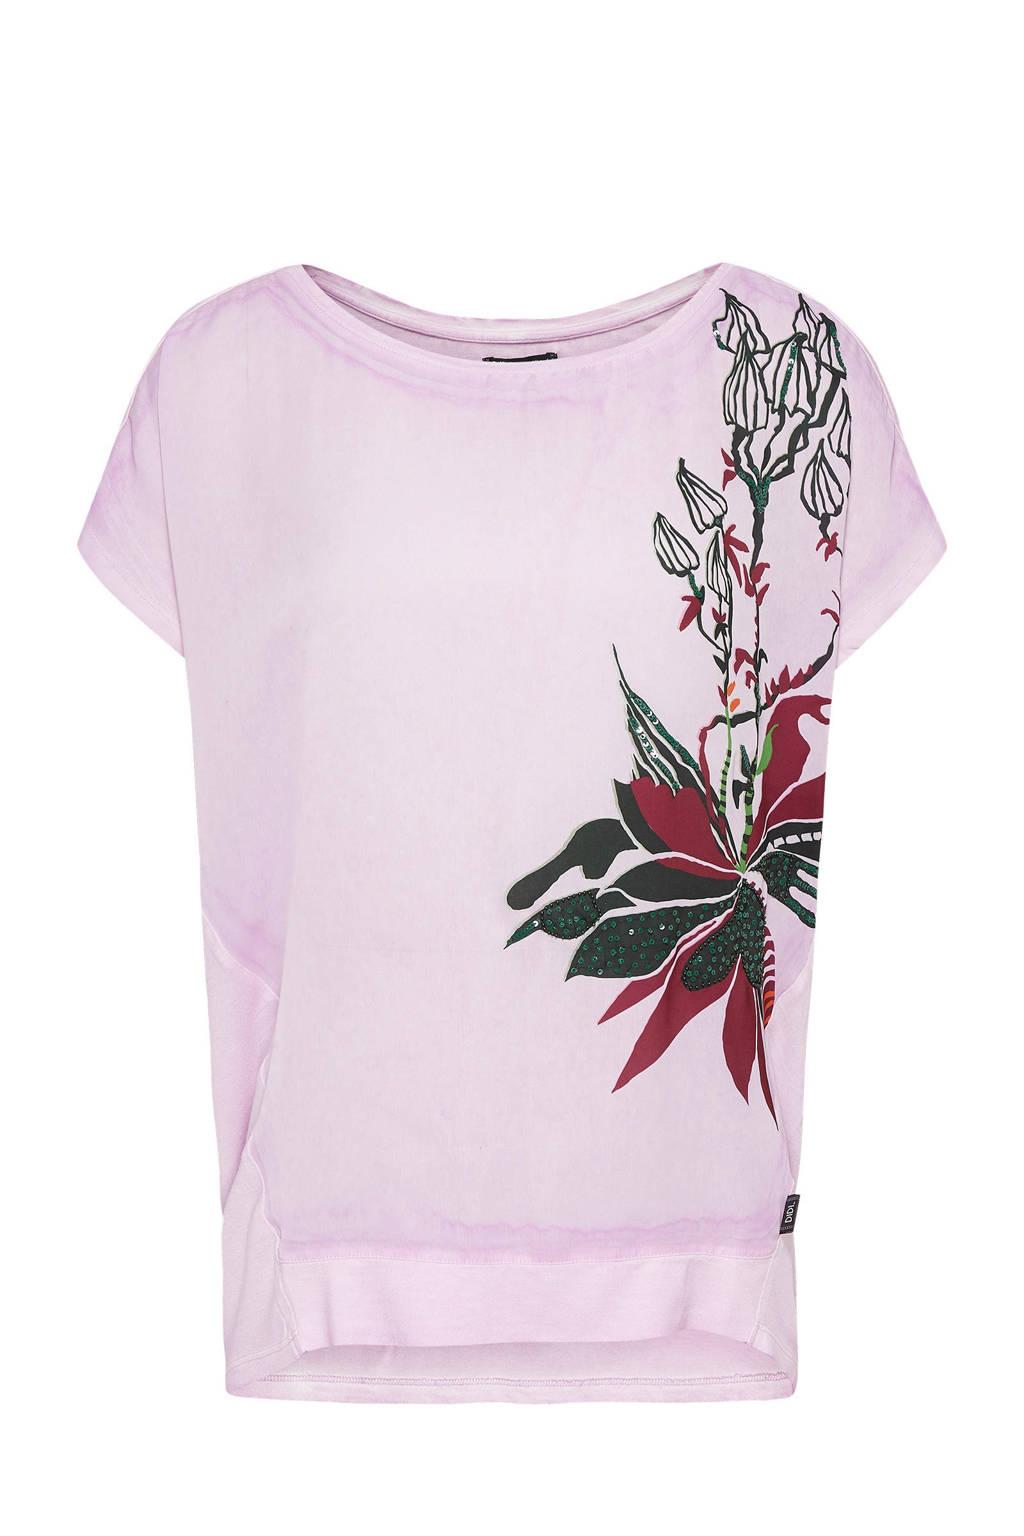 Didi T-shirt met bloemenprint lila, Lila